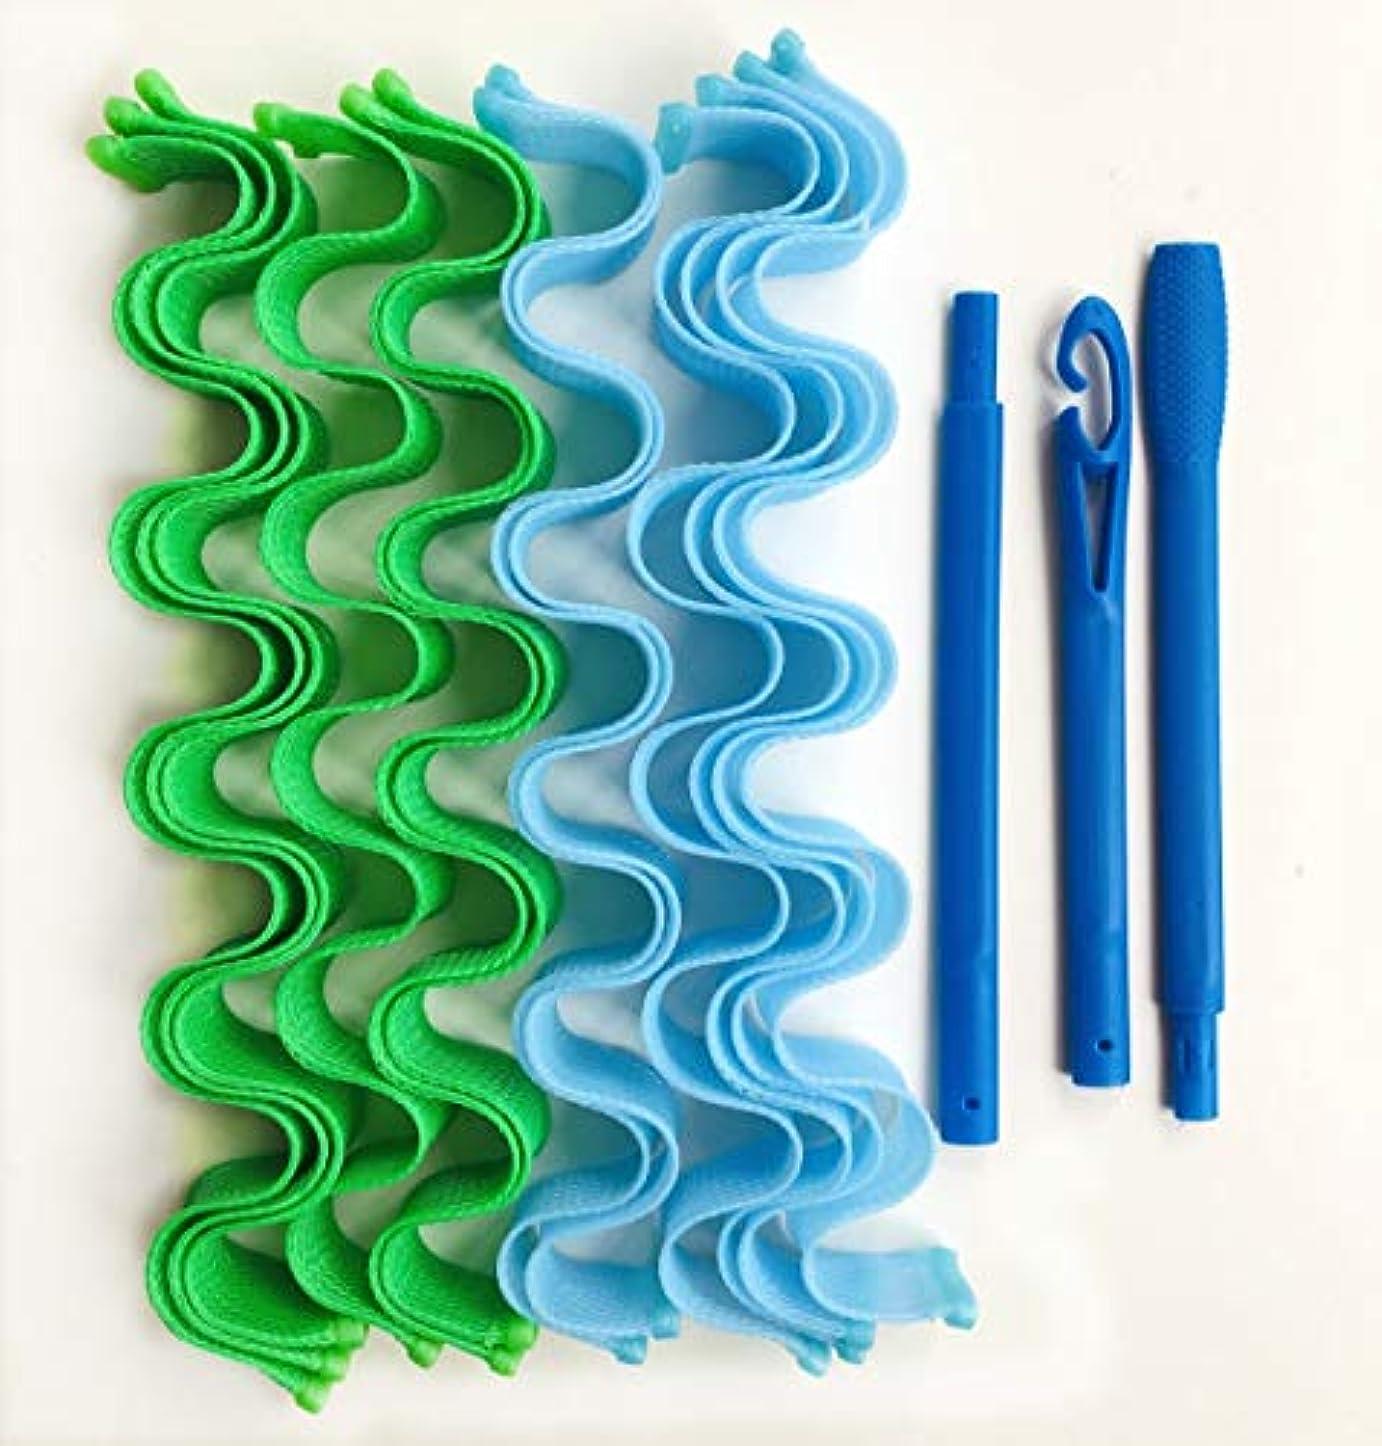 セミナーラテン相互AFAEF HOME 24個(50センチメートル)ウェーブヘアーカーラーローラー、媒体へのロングヘアヘアスタイリングツールヒートレス水リップルカーラーマジックヘアローラー (Size : Twenty-four blue...